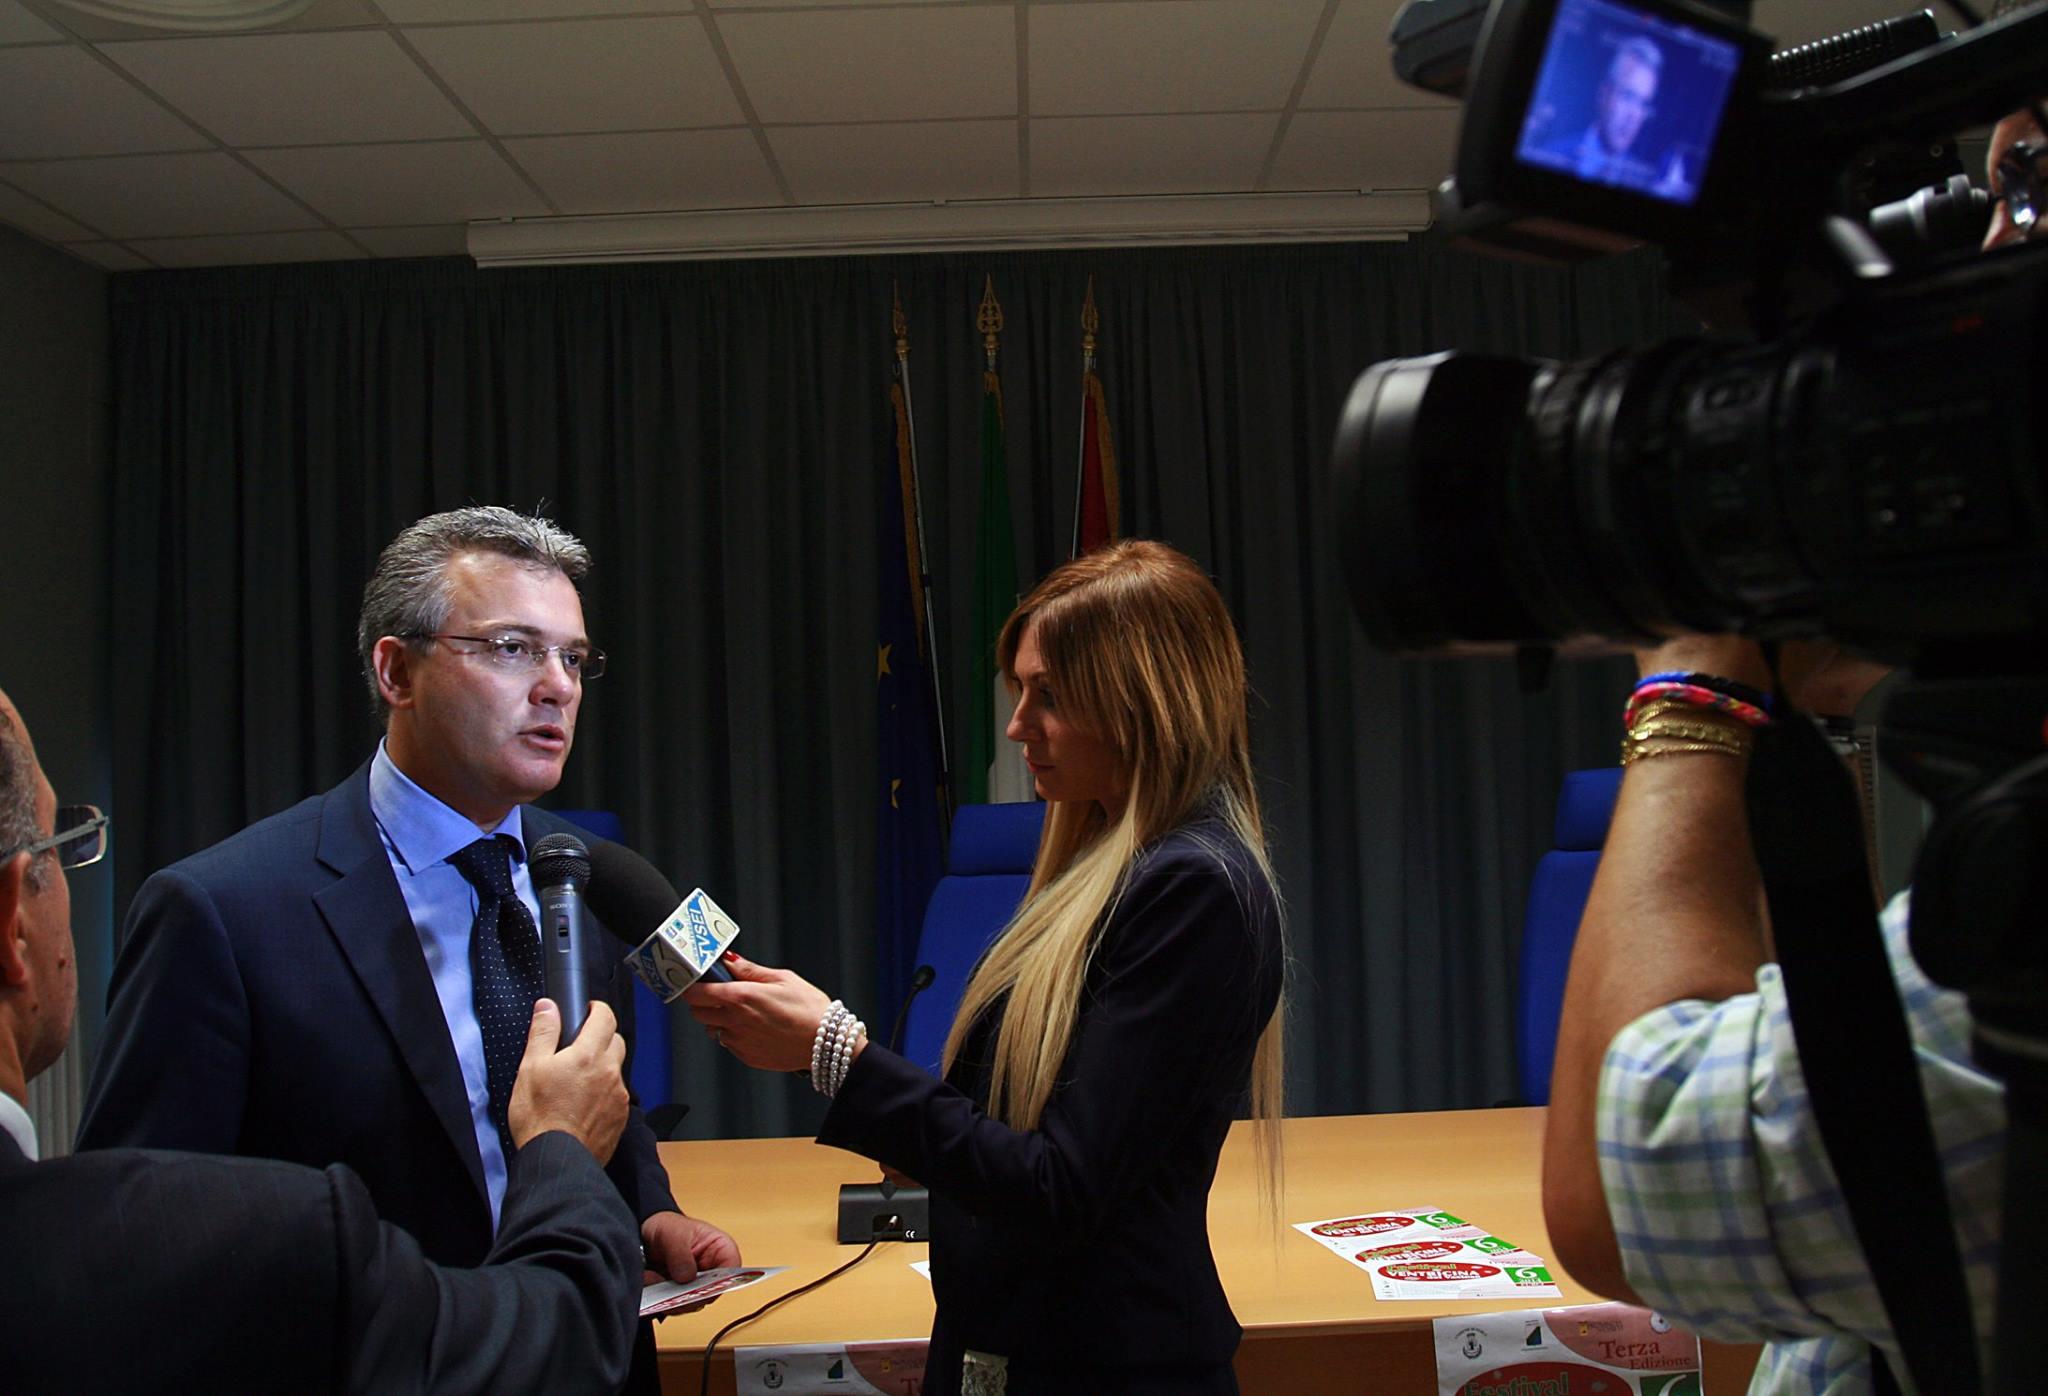 Abruzzo: niente caccia a settembre. Tar sospende calendario venatorio su ricorso WWF